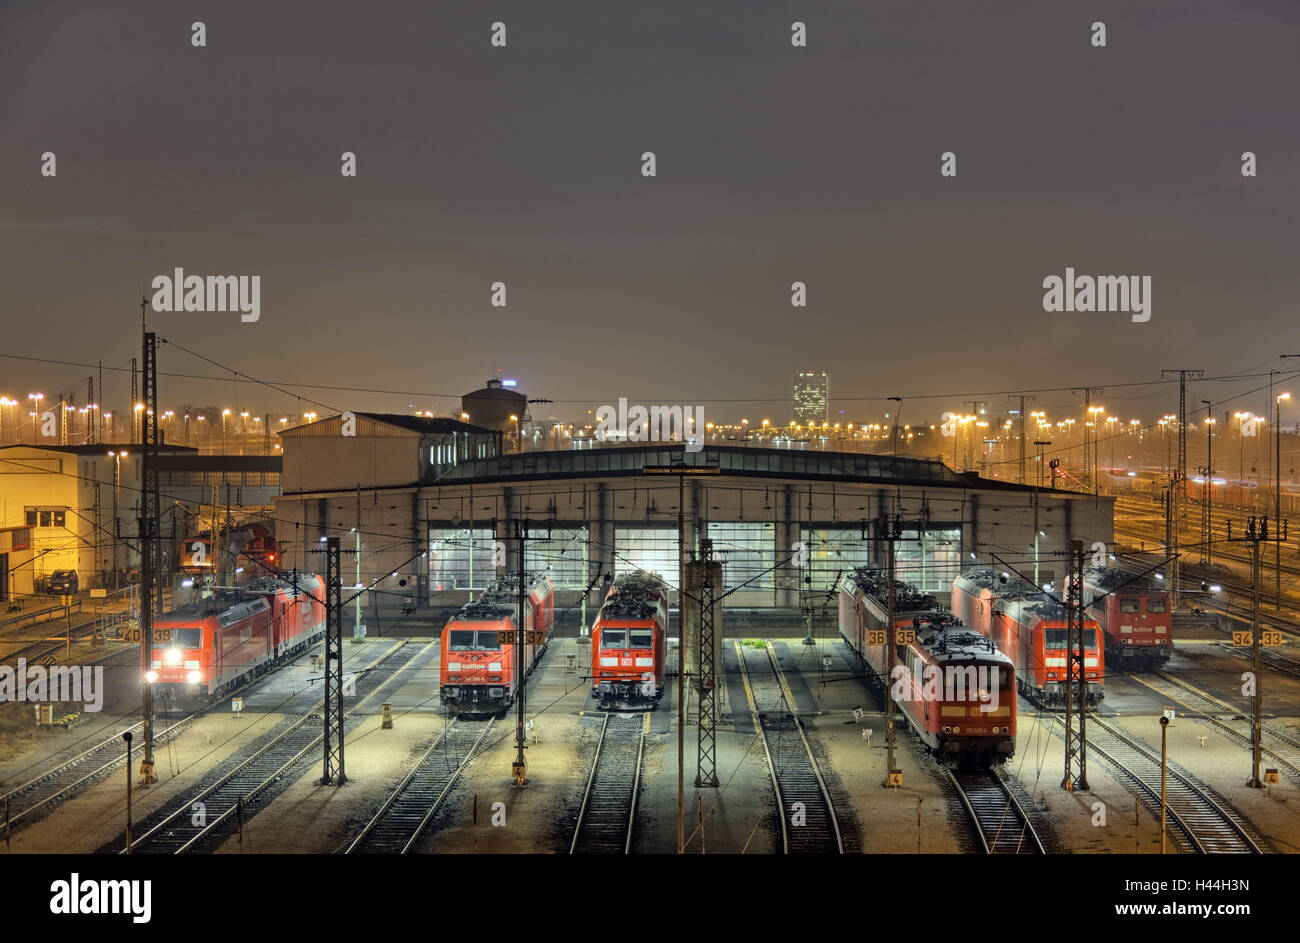 Locomotives, tracks, engine shed, night photography, - Stock Image